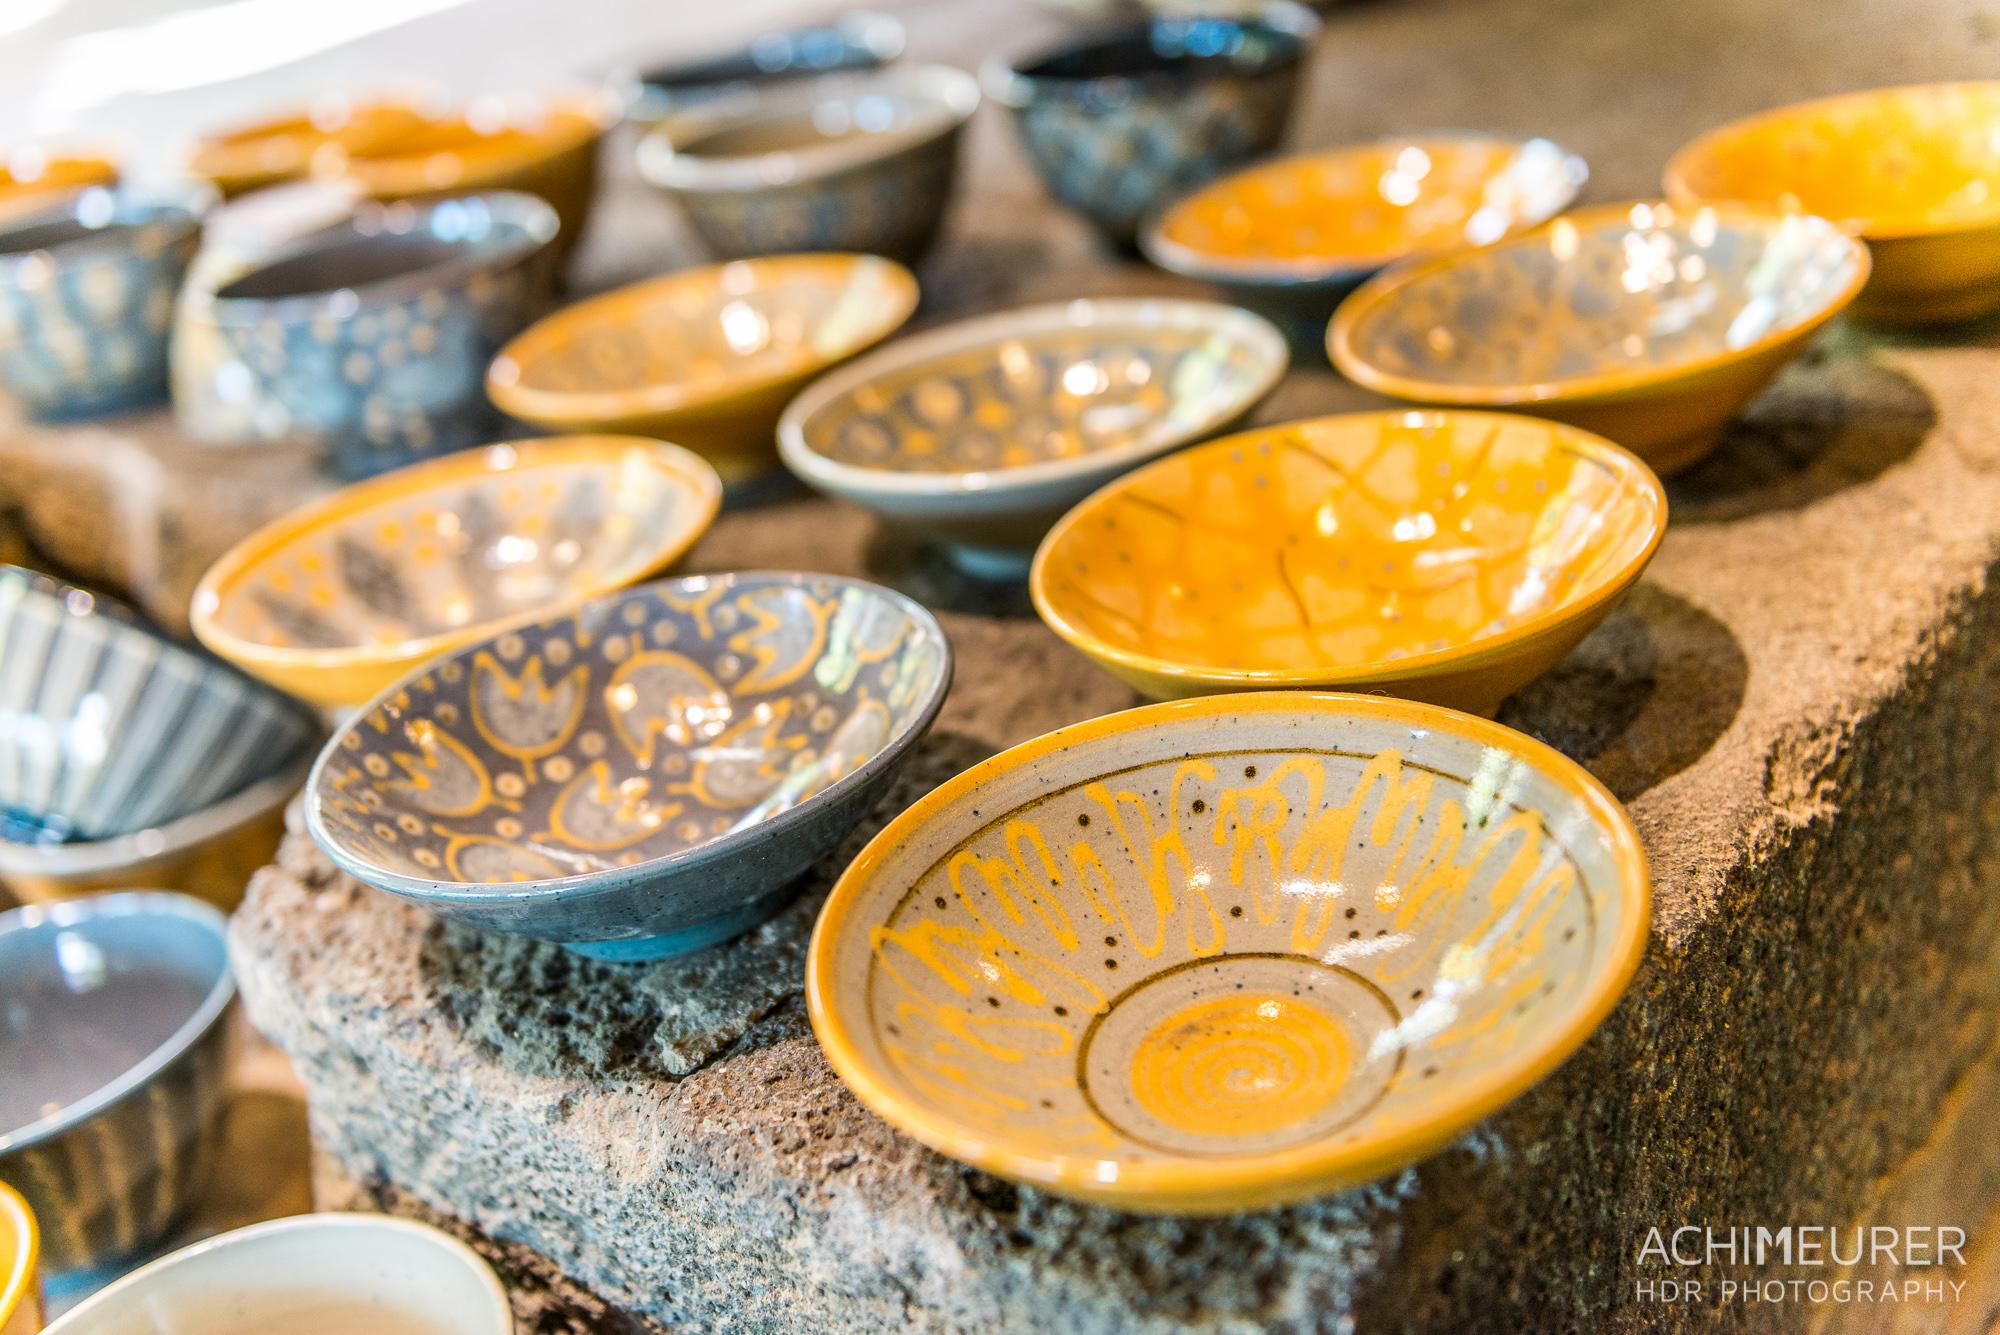 Das Kannenbäckerland und seine Keramik